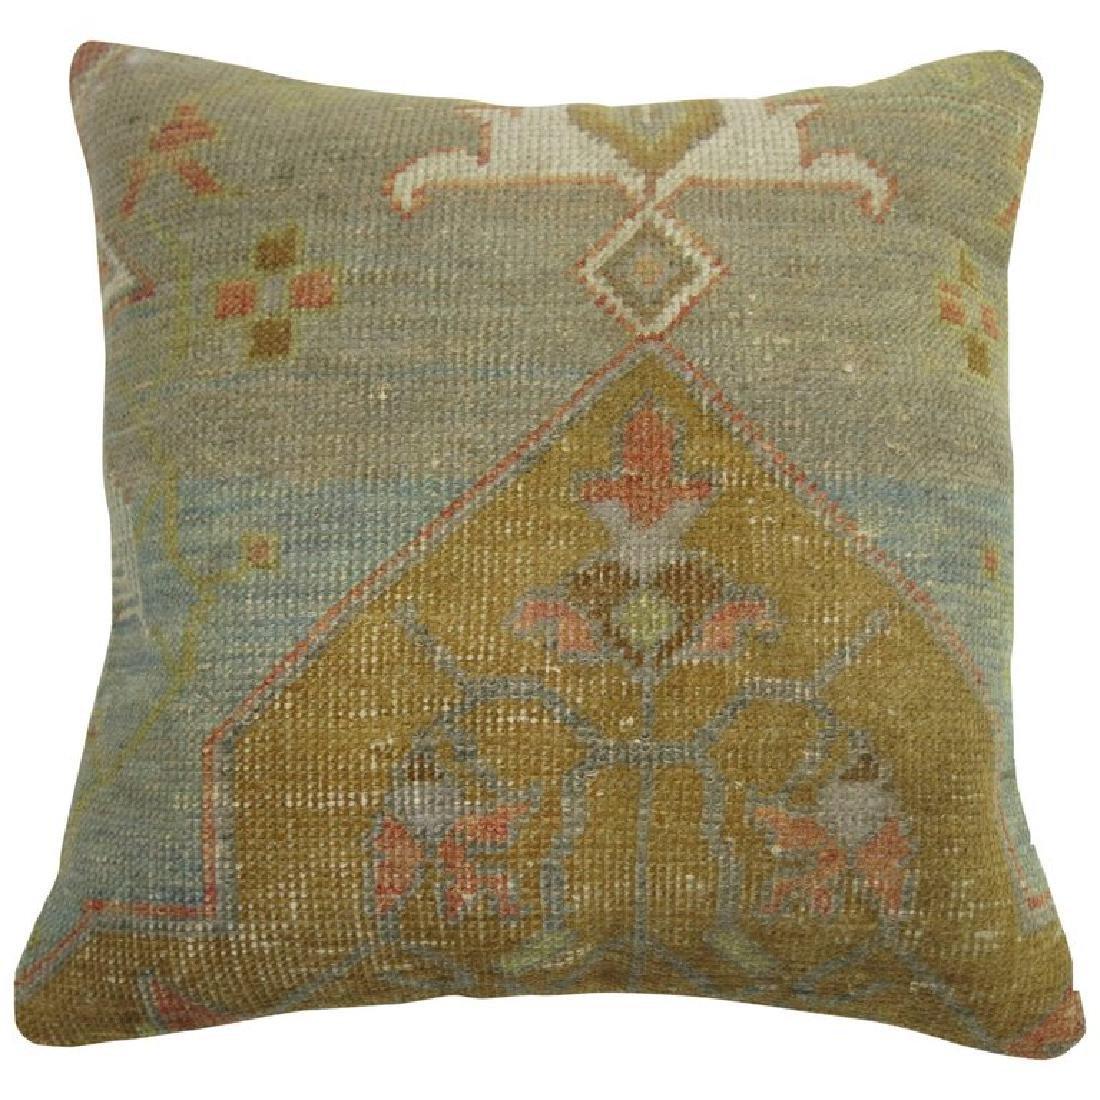 Turkish Oushak Rug Pillow 1.6x1.5x1